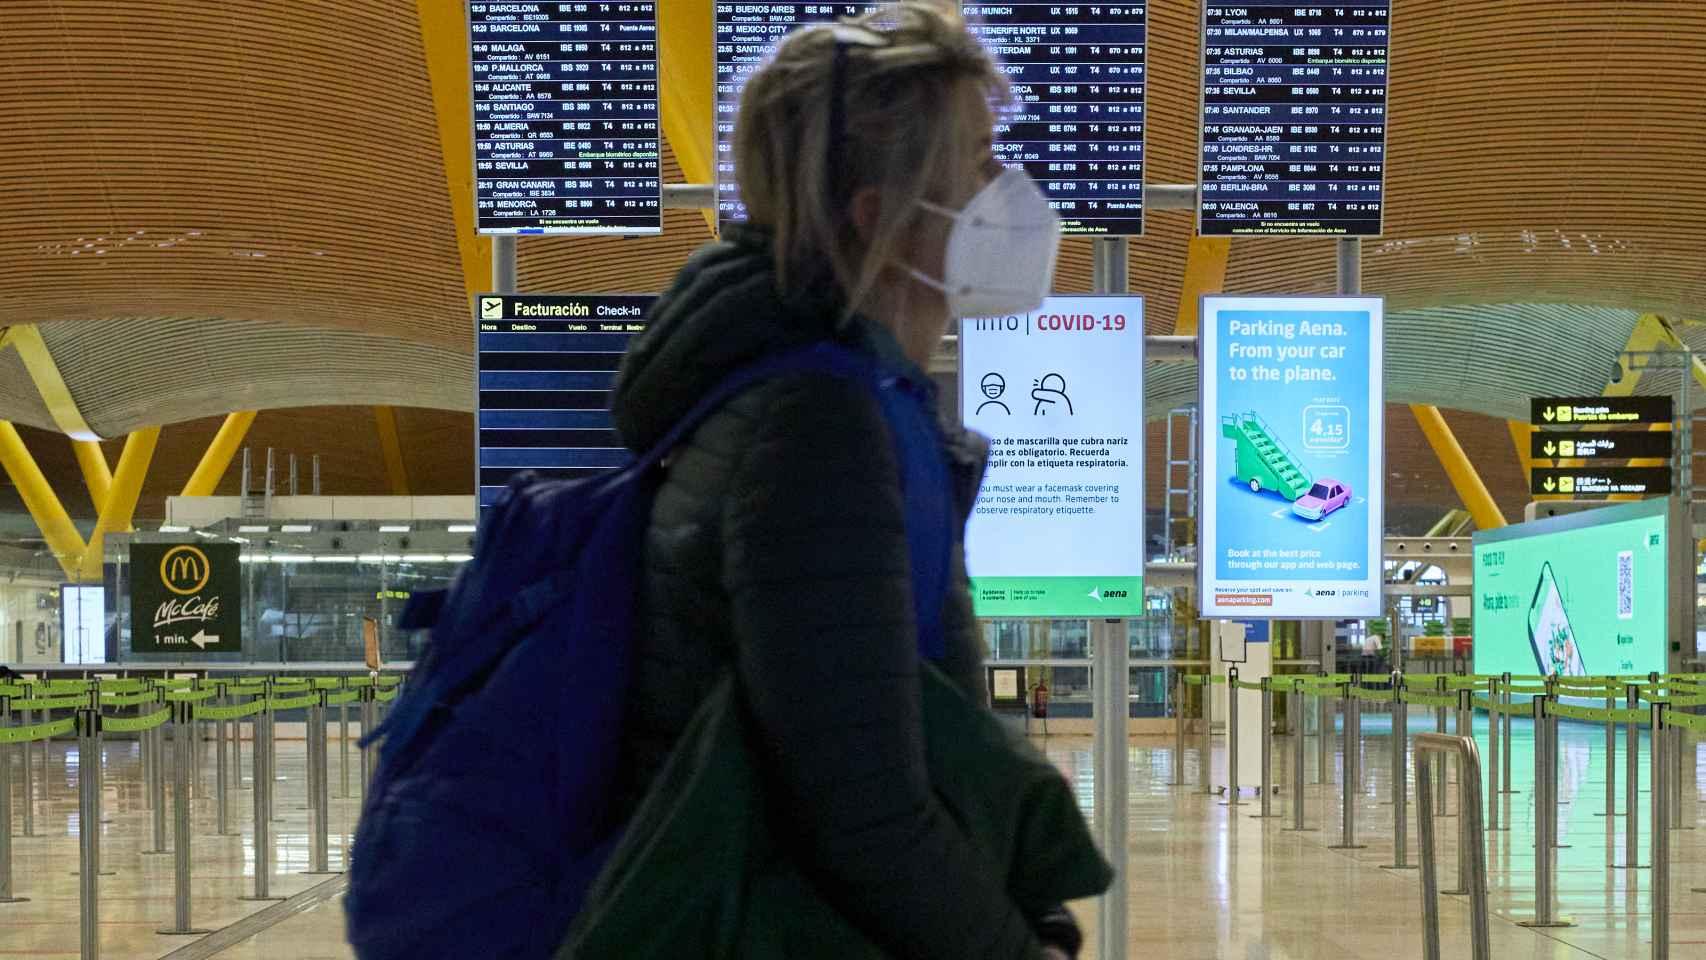 Una mujer en la T$ del aeropuerto de Adolfo Suárez Madrid-Barajas.